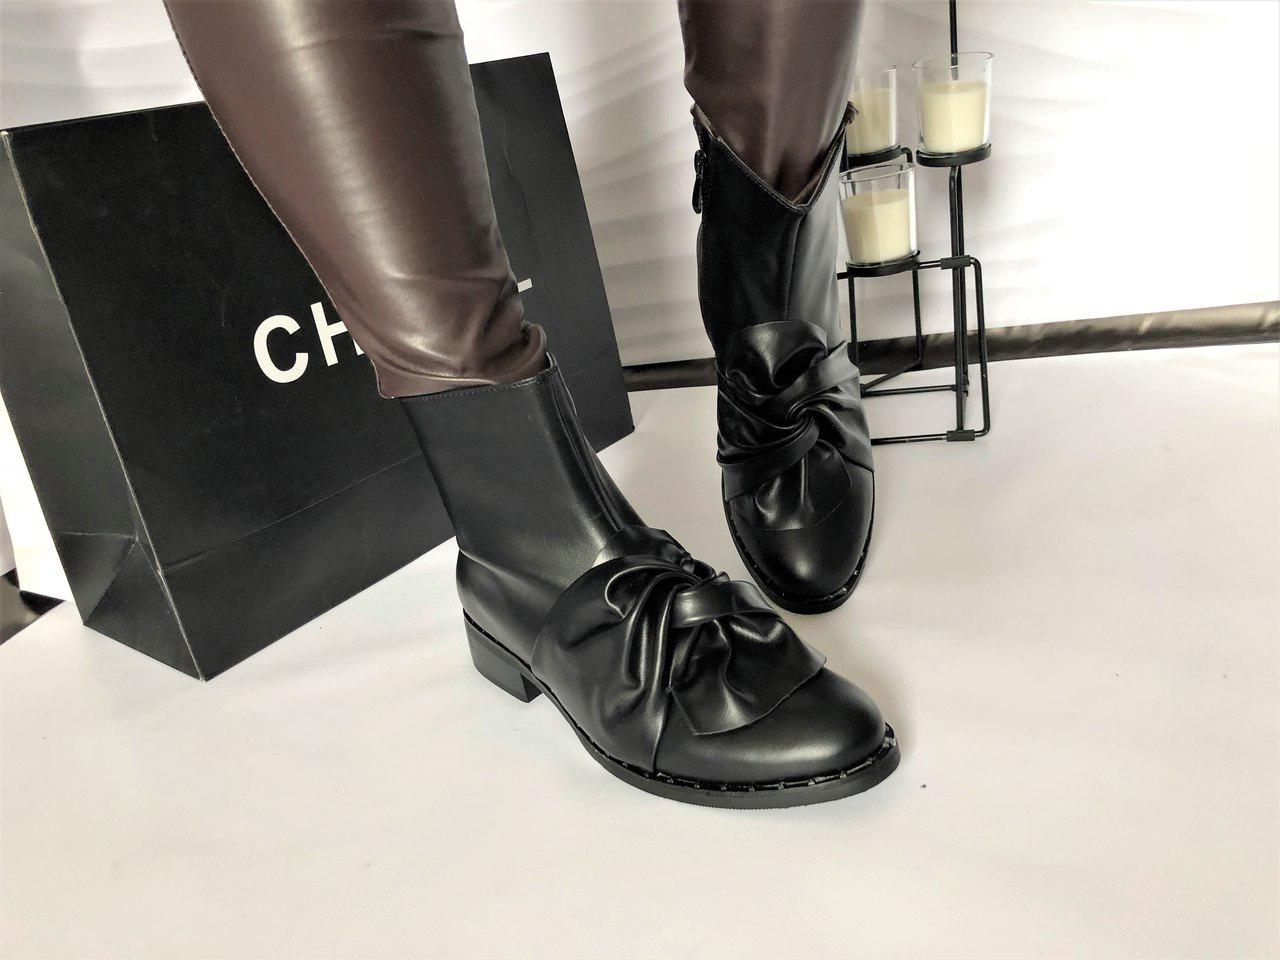 f0d87ace2 Женские демисезонные ботинки бант люкс копия,Турция.: продажа, цена ...